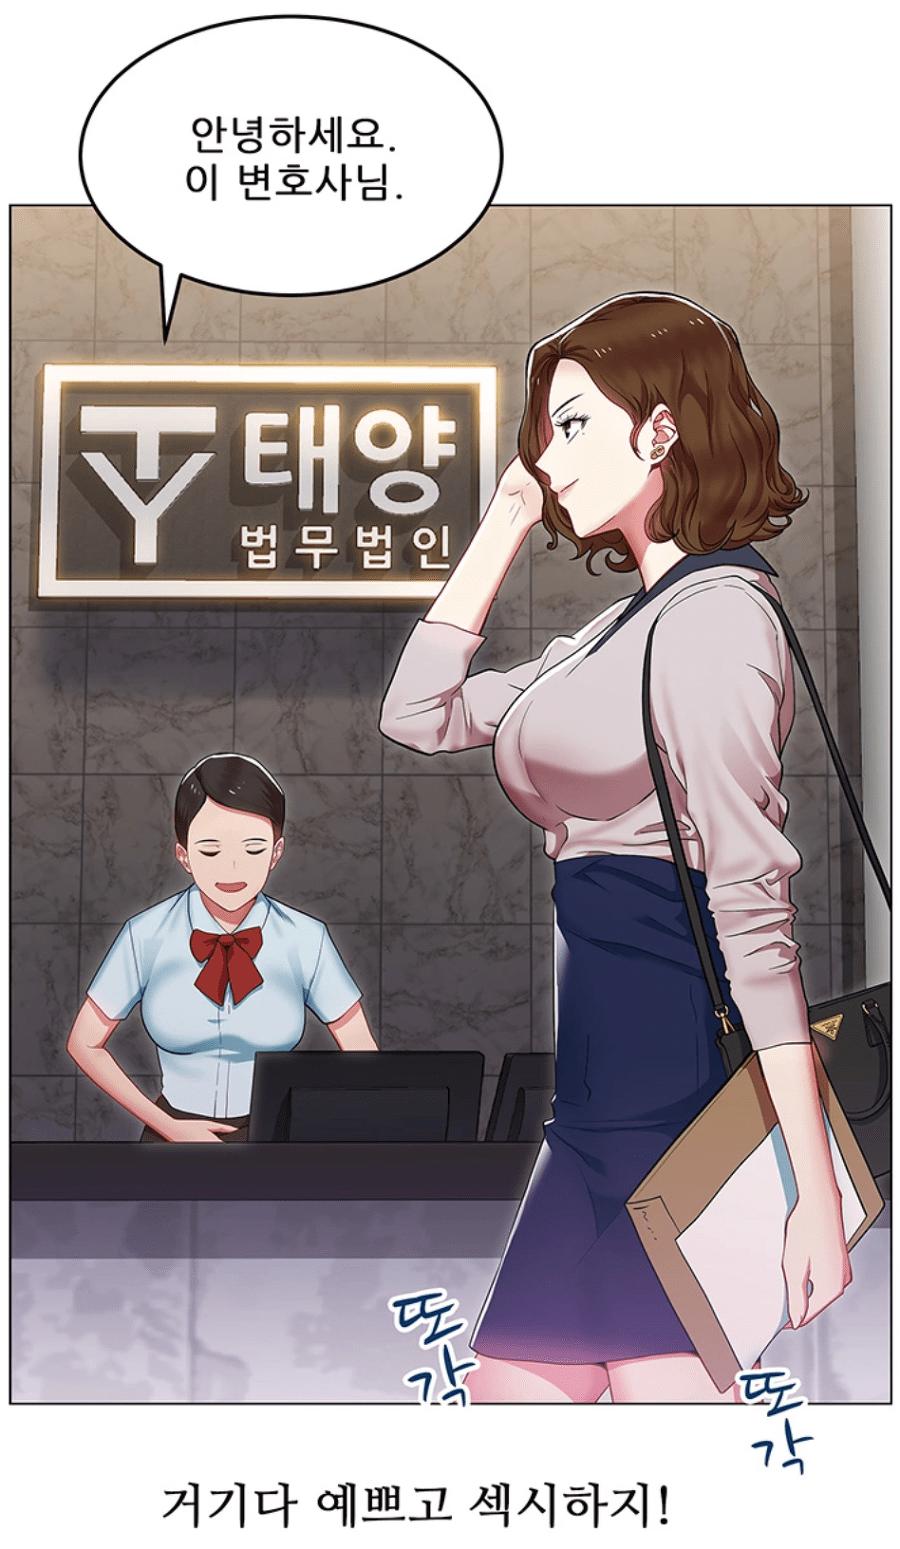 남자주인공의 아내(변호사)